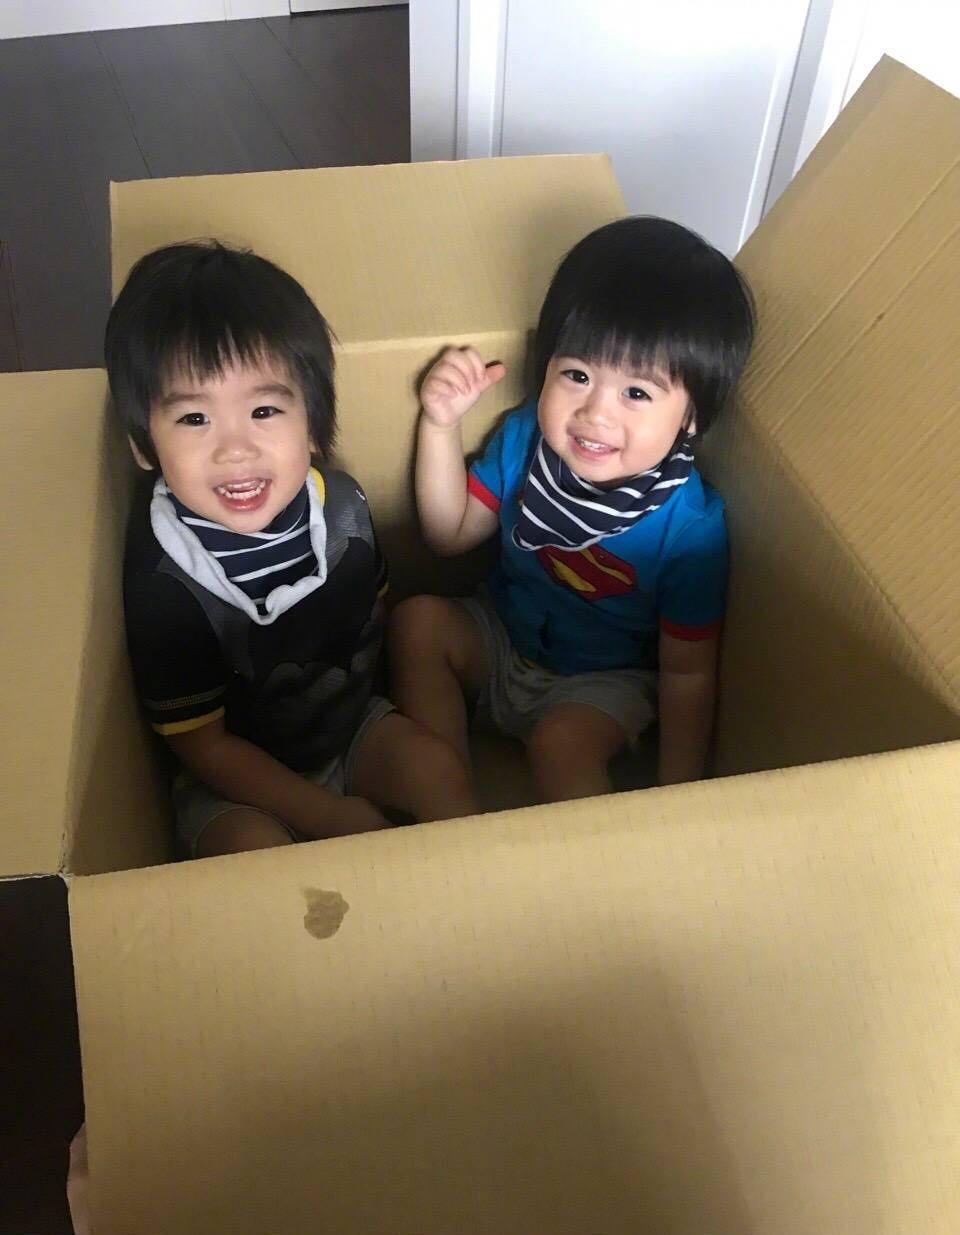 林志颖晒双胞胎儿子照片 jenson撞脸哥哥kimi图片